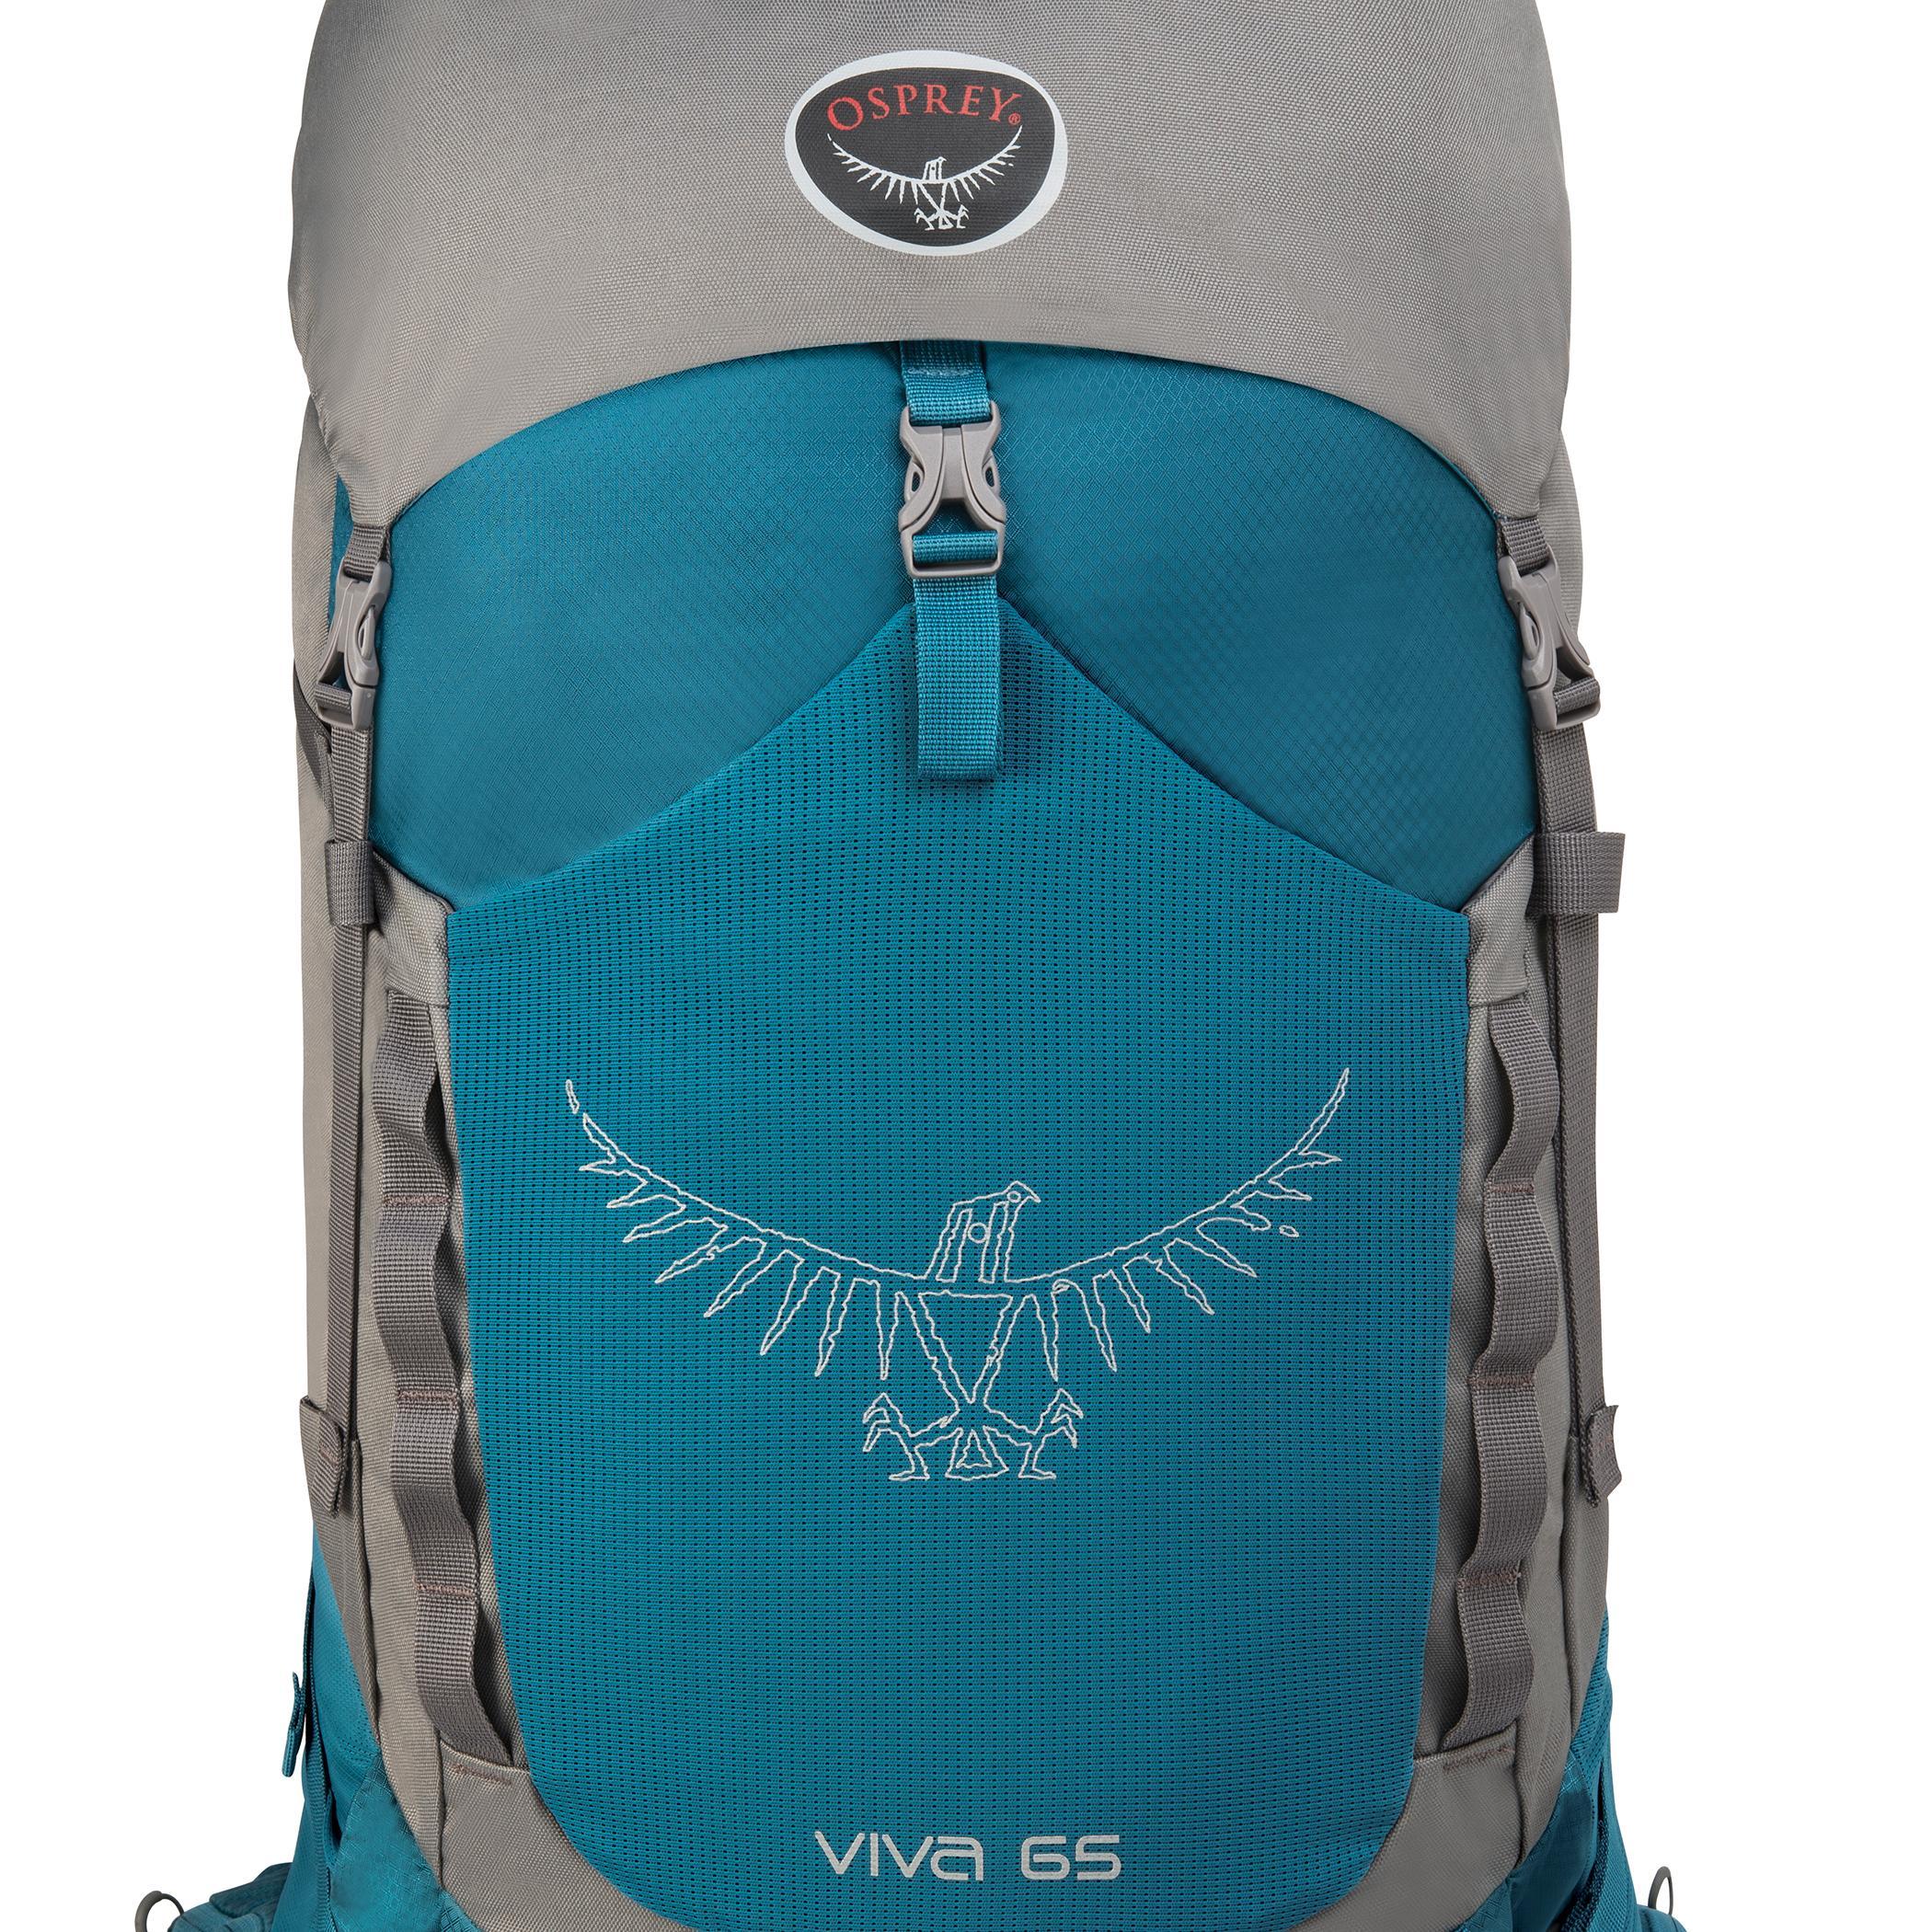 b0e4ab511355 Amazon.com   Osprey Packs Women s Viva 65 Backpack